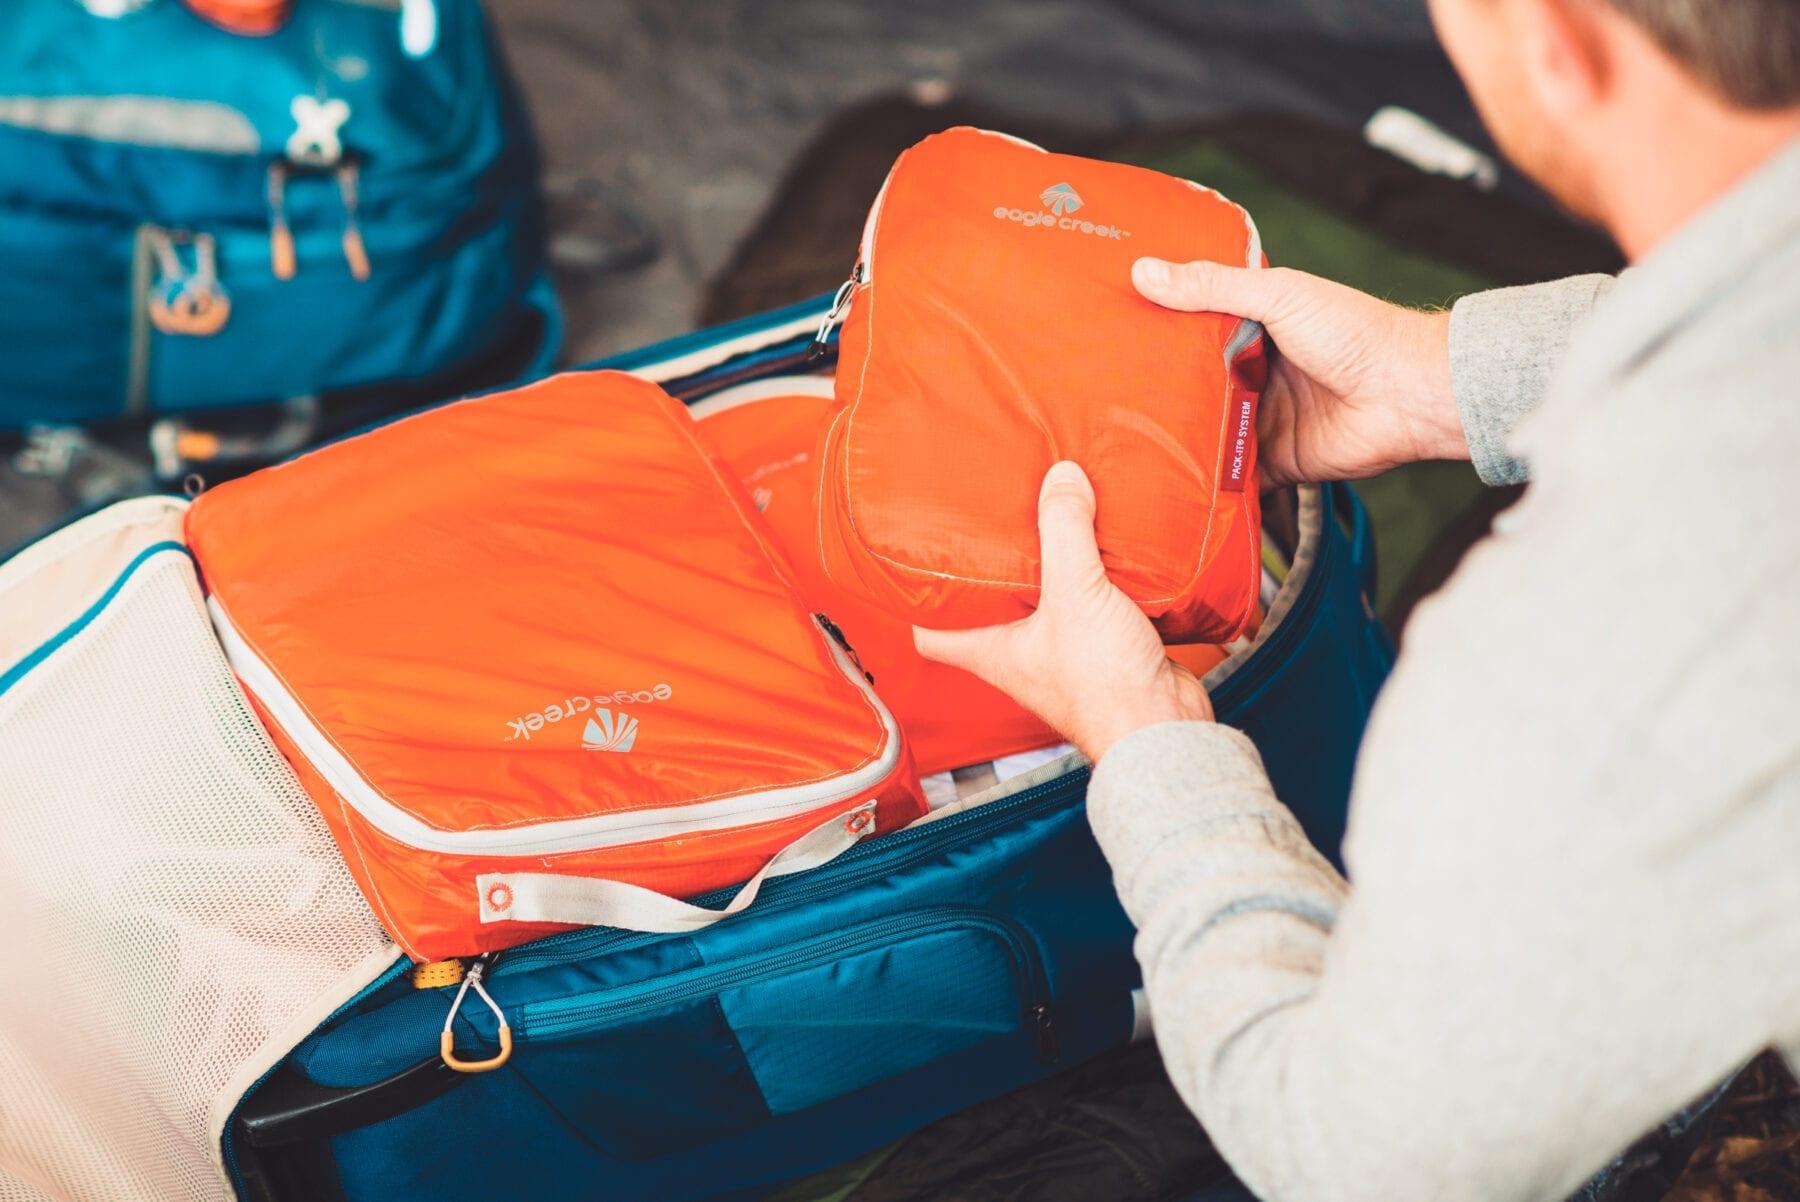 Pakzak bagage